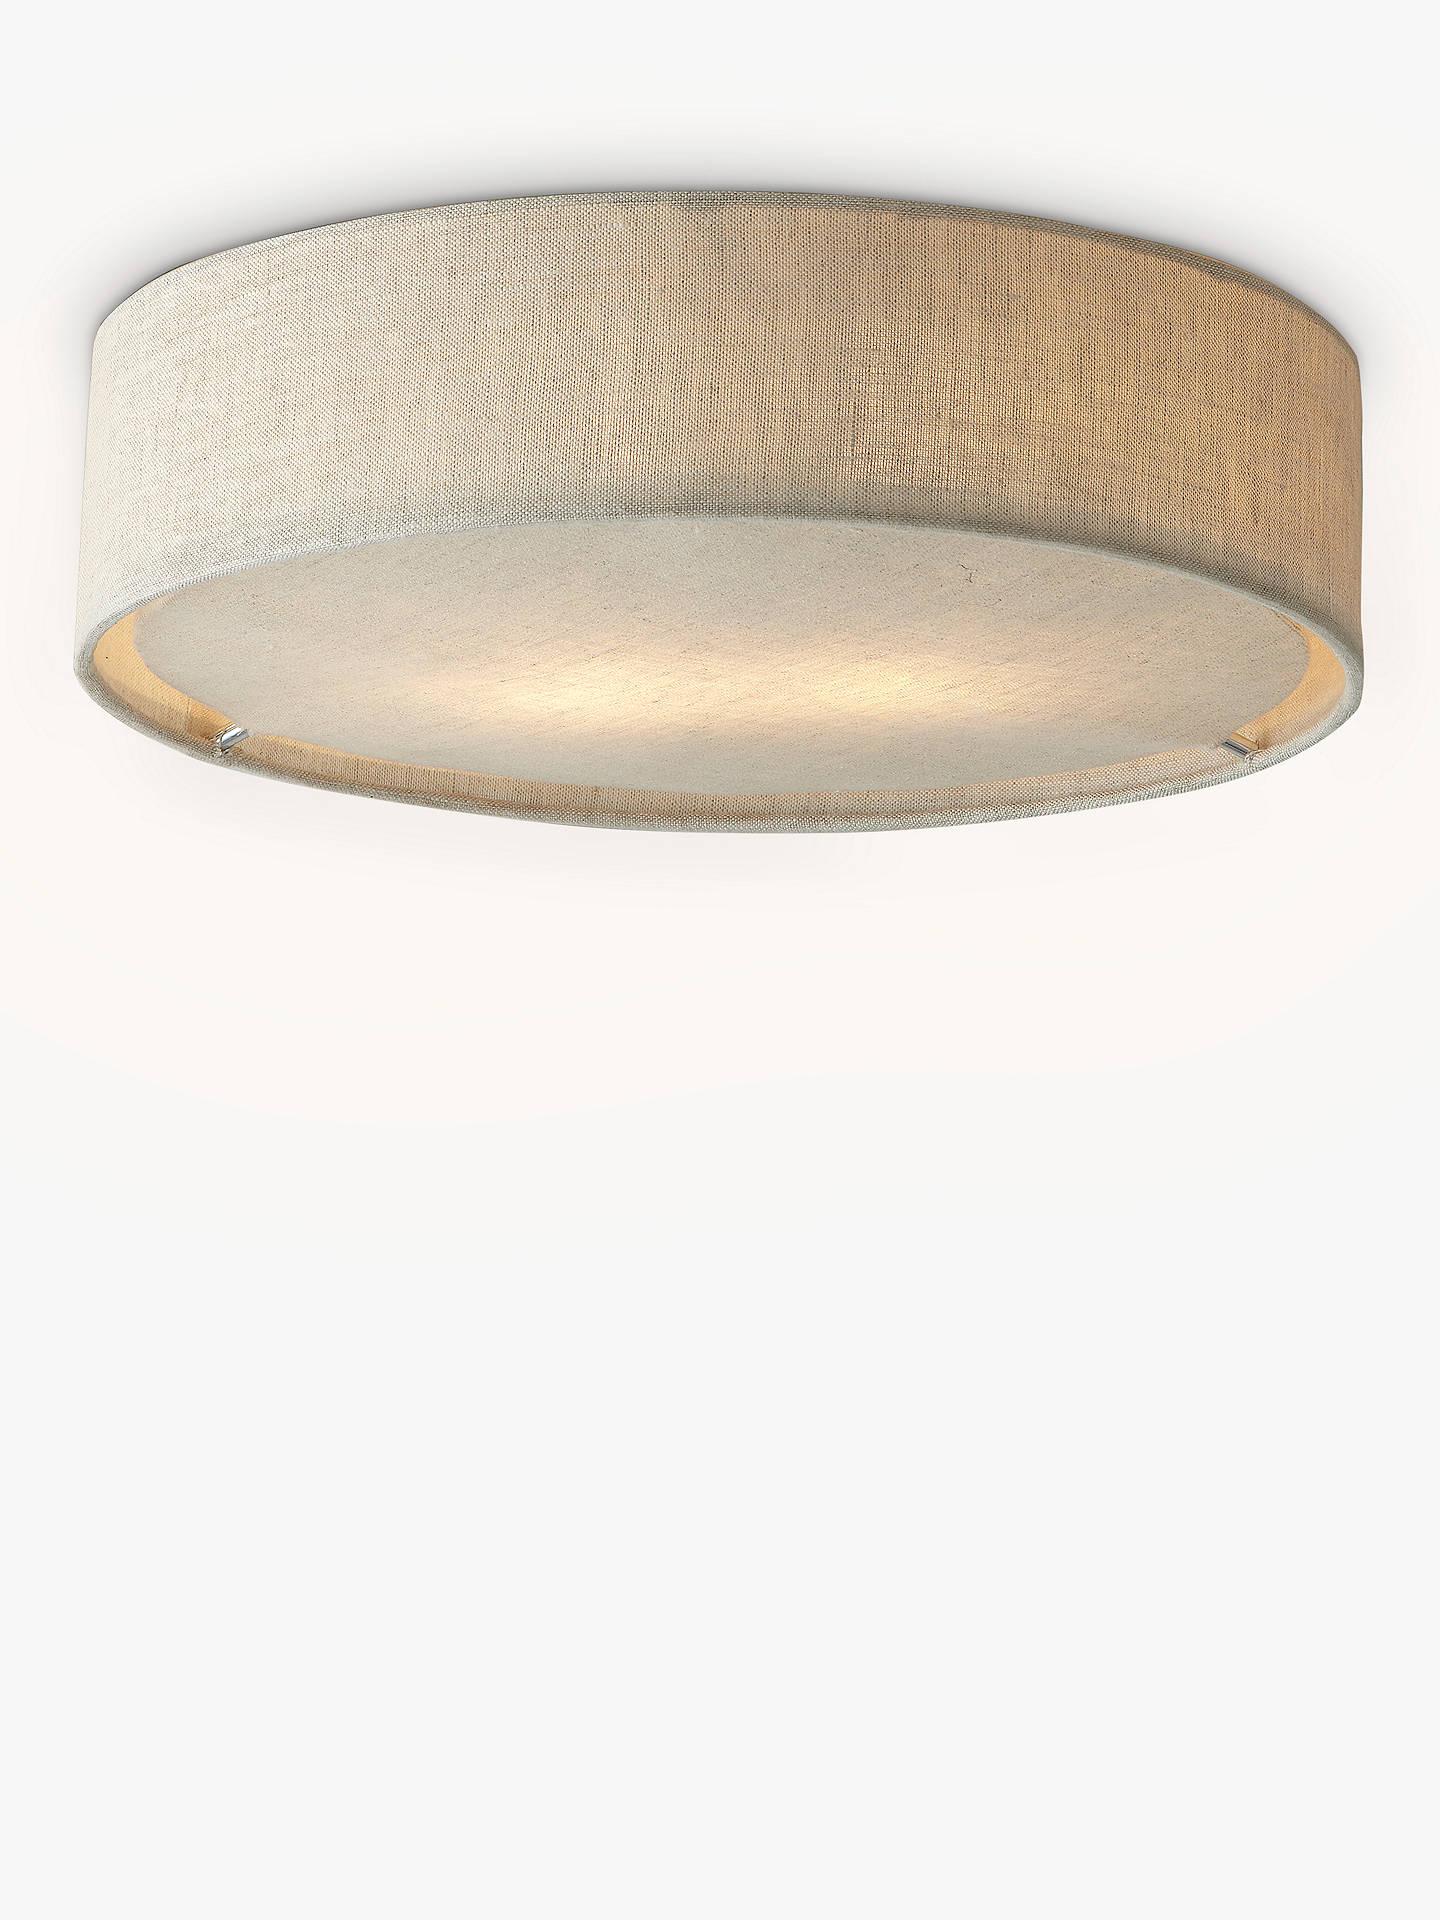 John Lewis Partners Samantha Linen Flush Ceiling Light